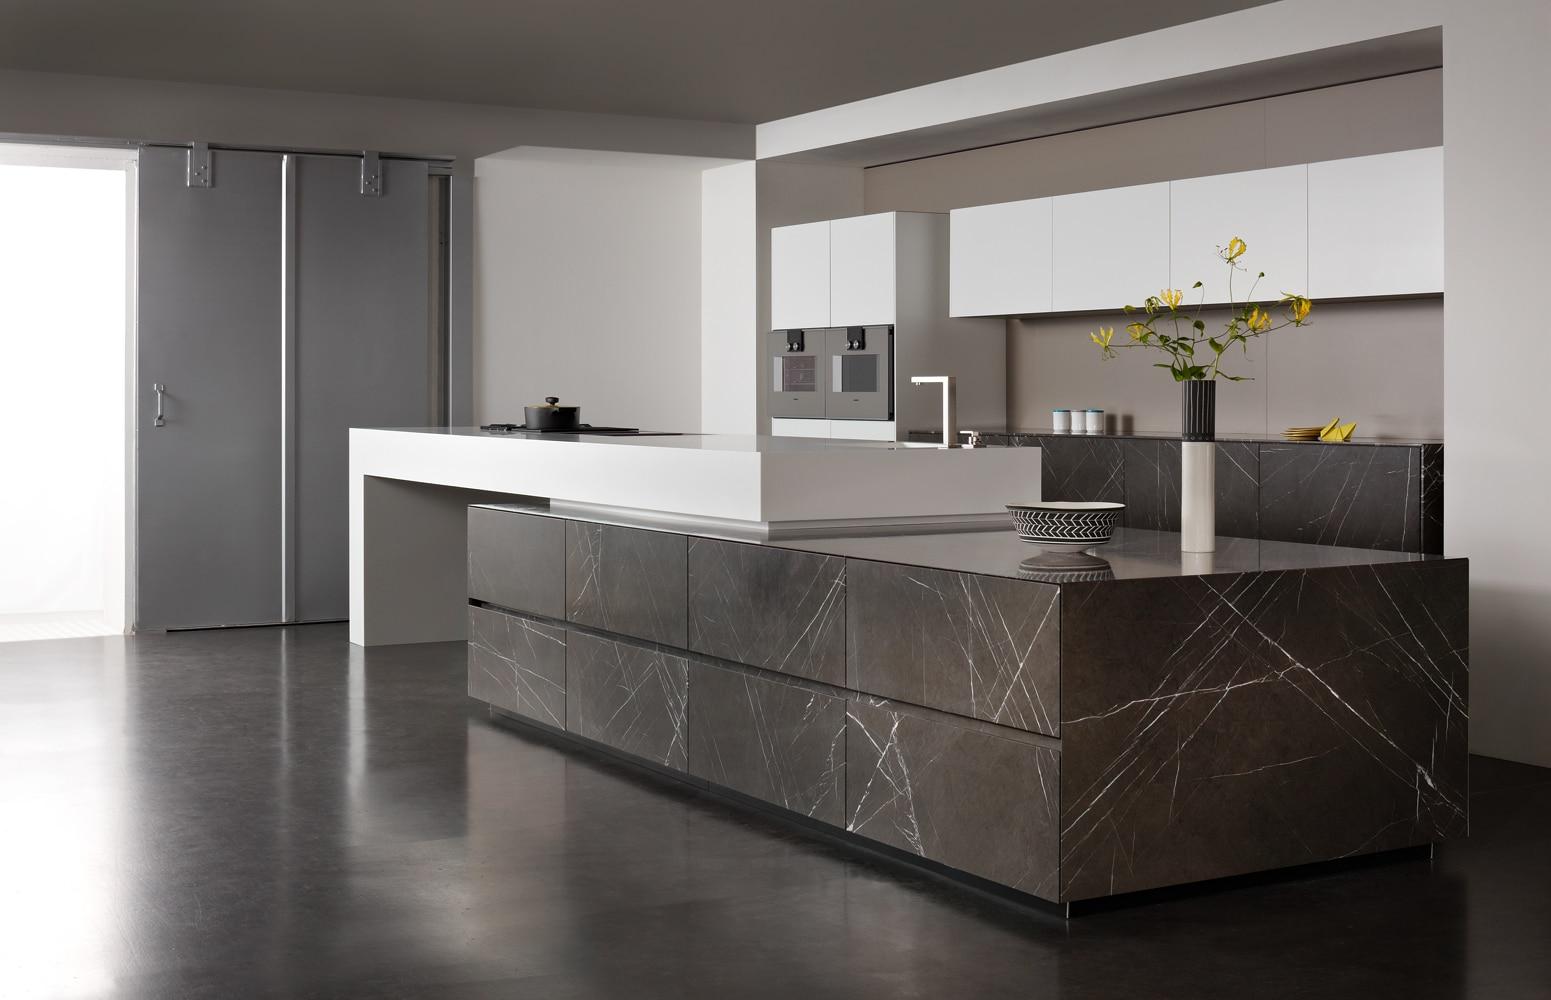 WR-Küchen Showroom - KüchenDesignMagazin-Lassen Sie sich inspirieren